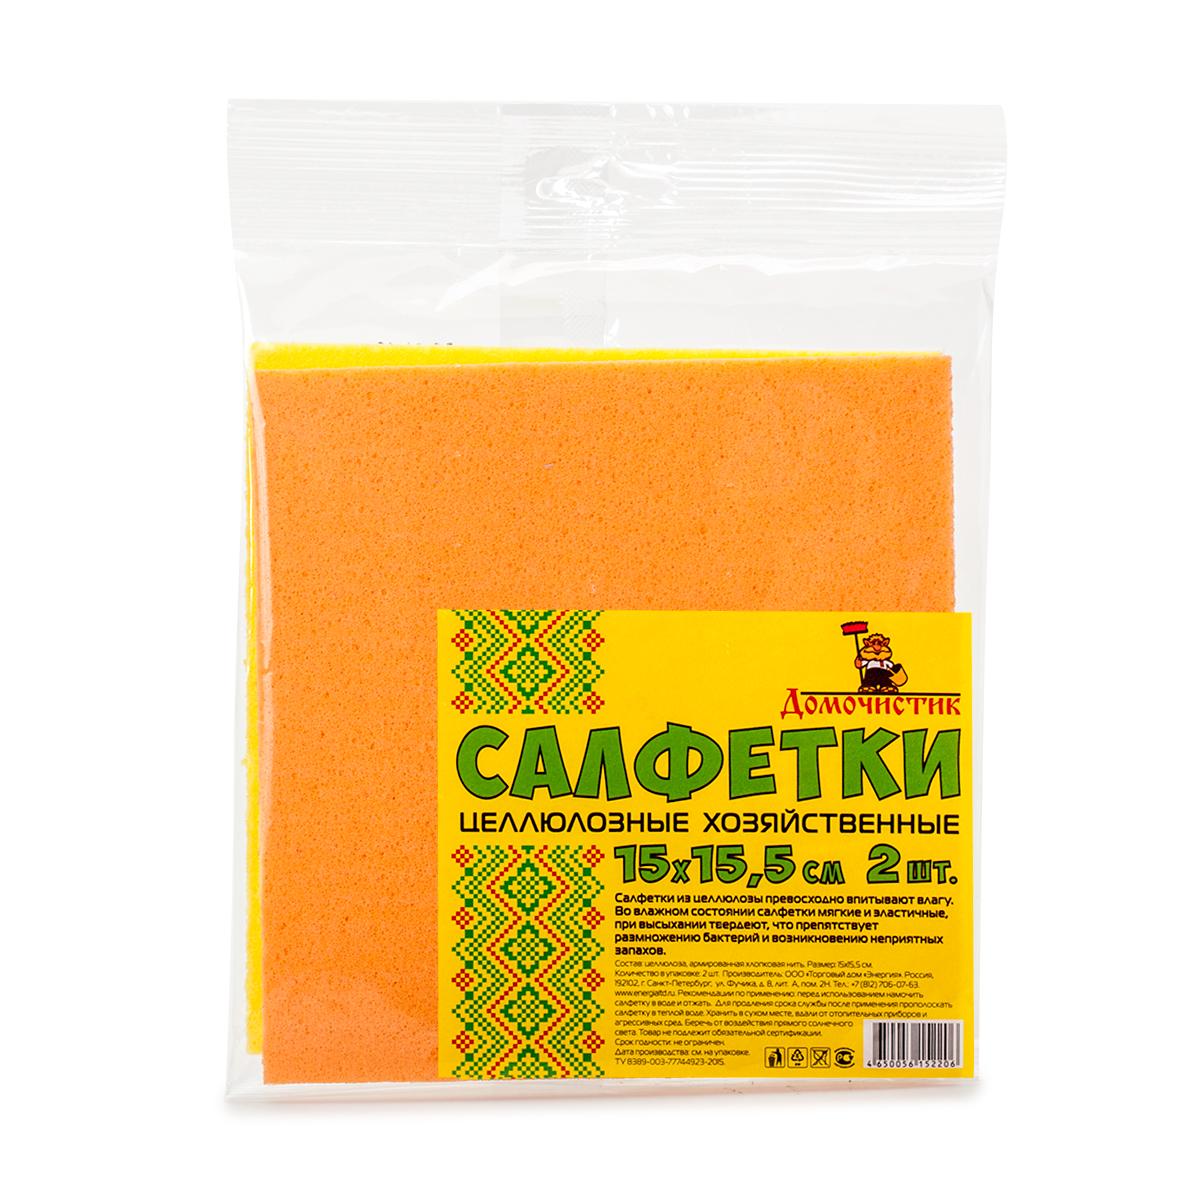 Салфетка для уборки Домочистик из целлюлозы, 15 x 15,5 см, 2 шт13009Салфетки для уборки Домочистик выполнены из целлюлозы. Они превосходно впитывают влагу. Во влажном состоянии изделия мягкие и эластичные, при высыхании твердеют, что препятствует размножению бактерий и возникновению неприятных запахов.Состав: целлюлоза, армированная хлопковая нить.Рекомендации по применению:Перед использованием намочить салфетку в воде и отжать.Для продления срока службы после применения прополоскать в теплой воде.Хранить в сухом месте, вдали отопительных приборов и агрессивных сред.Беречь от воздействия прямого солнечного света.